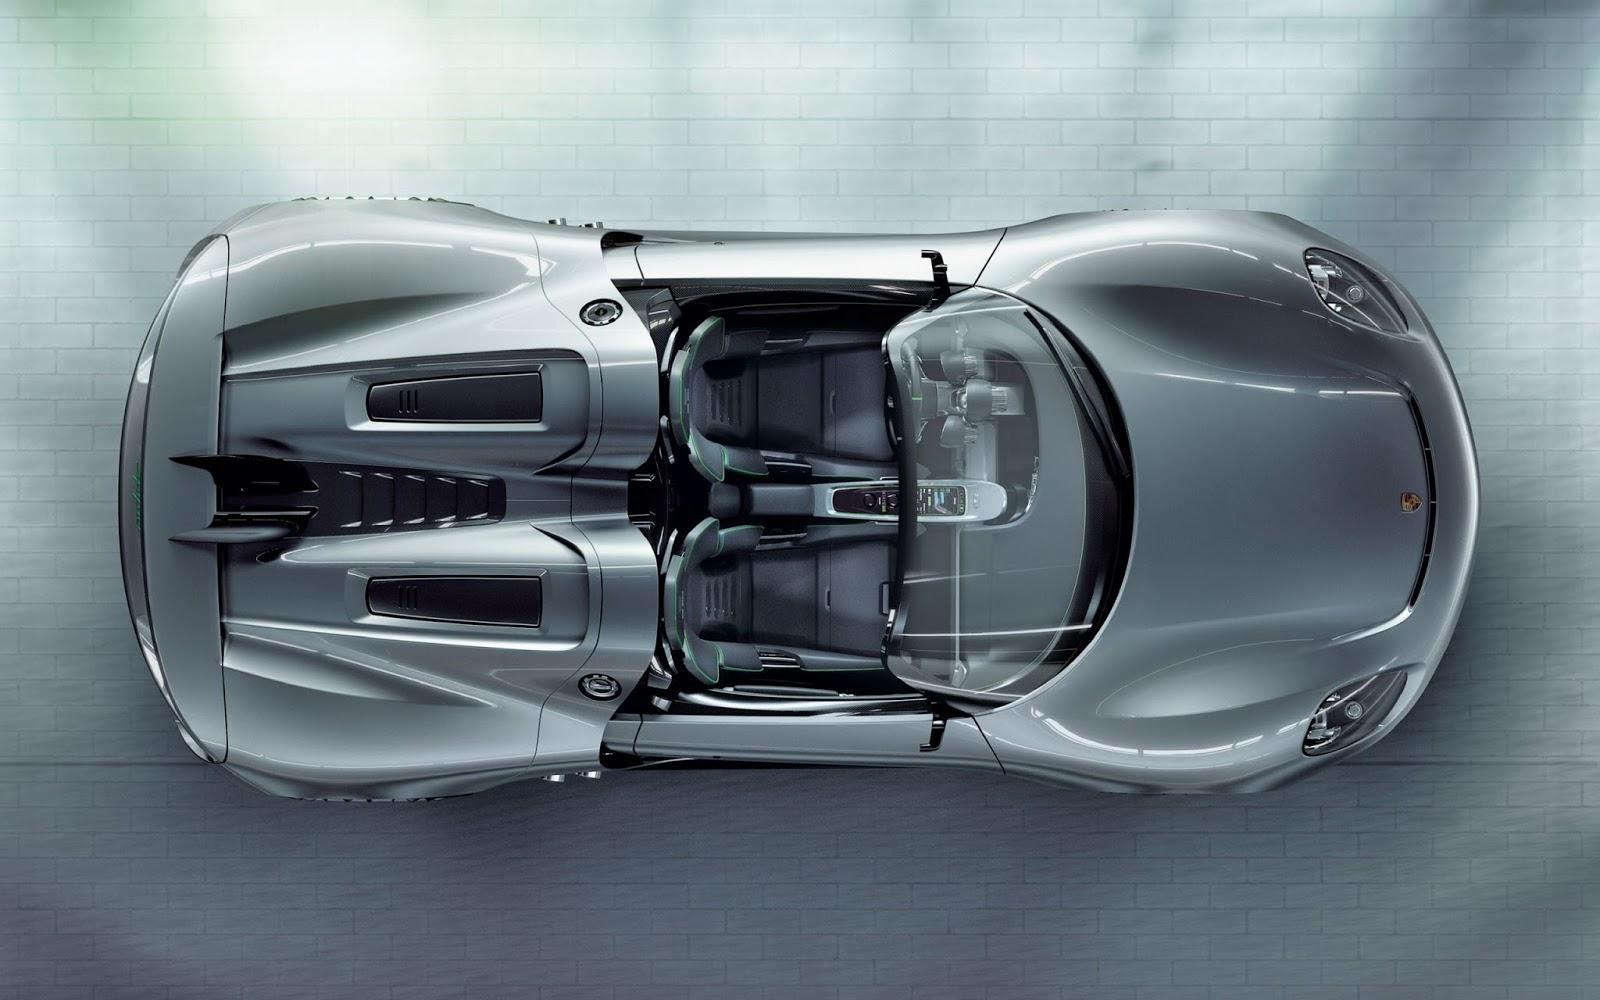 918%2BSpyder Τα 7 super sport αυτοκίνητα της Porsche απο το 1953 μέχρι σήμερα Classic, Porsche, Porsche 550 Spyder, Porsche 904 Carrera GTS, Porsche 911 GT1, Porsche 911 Turbo, Porsche 918 Spyder, Porsche 959, Porsche Carrera GT